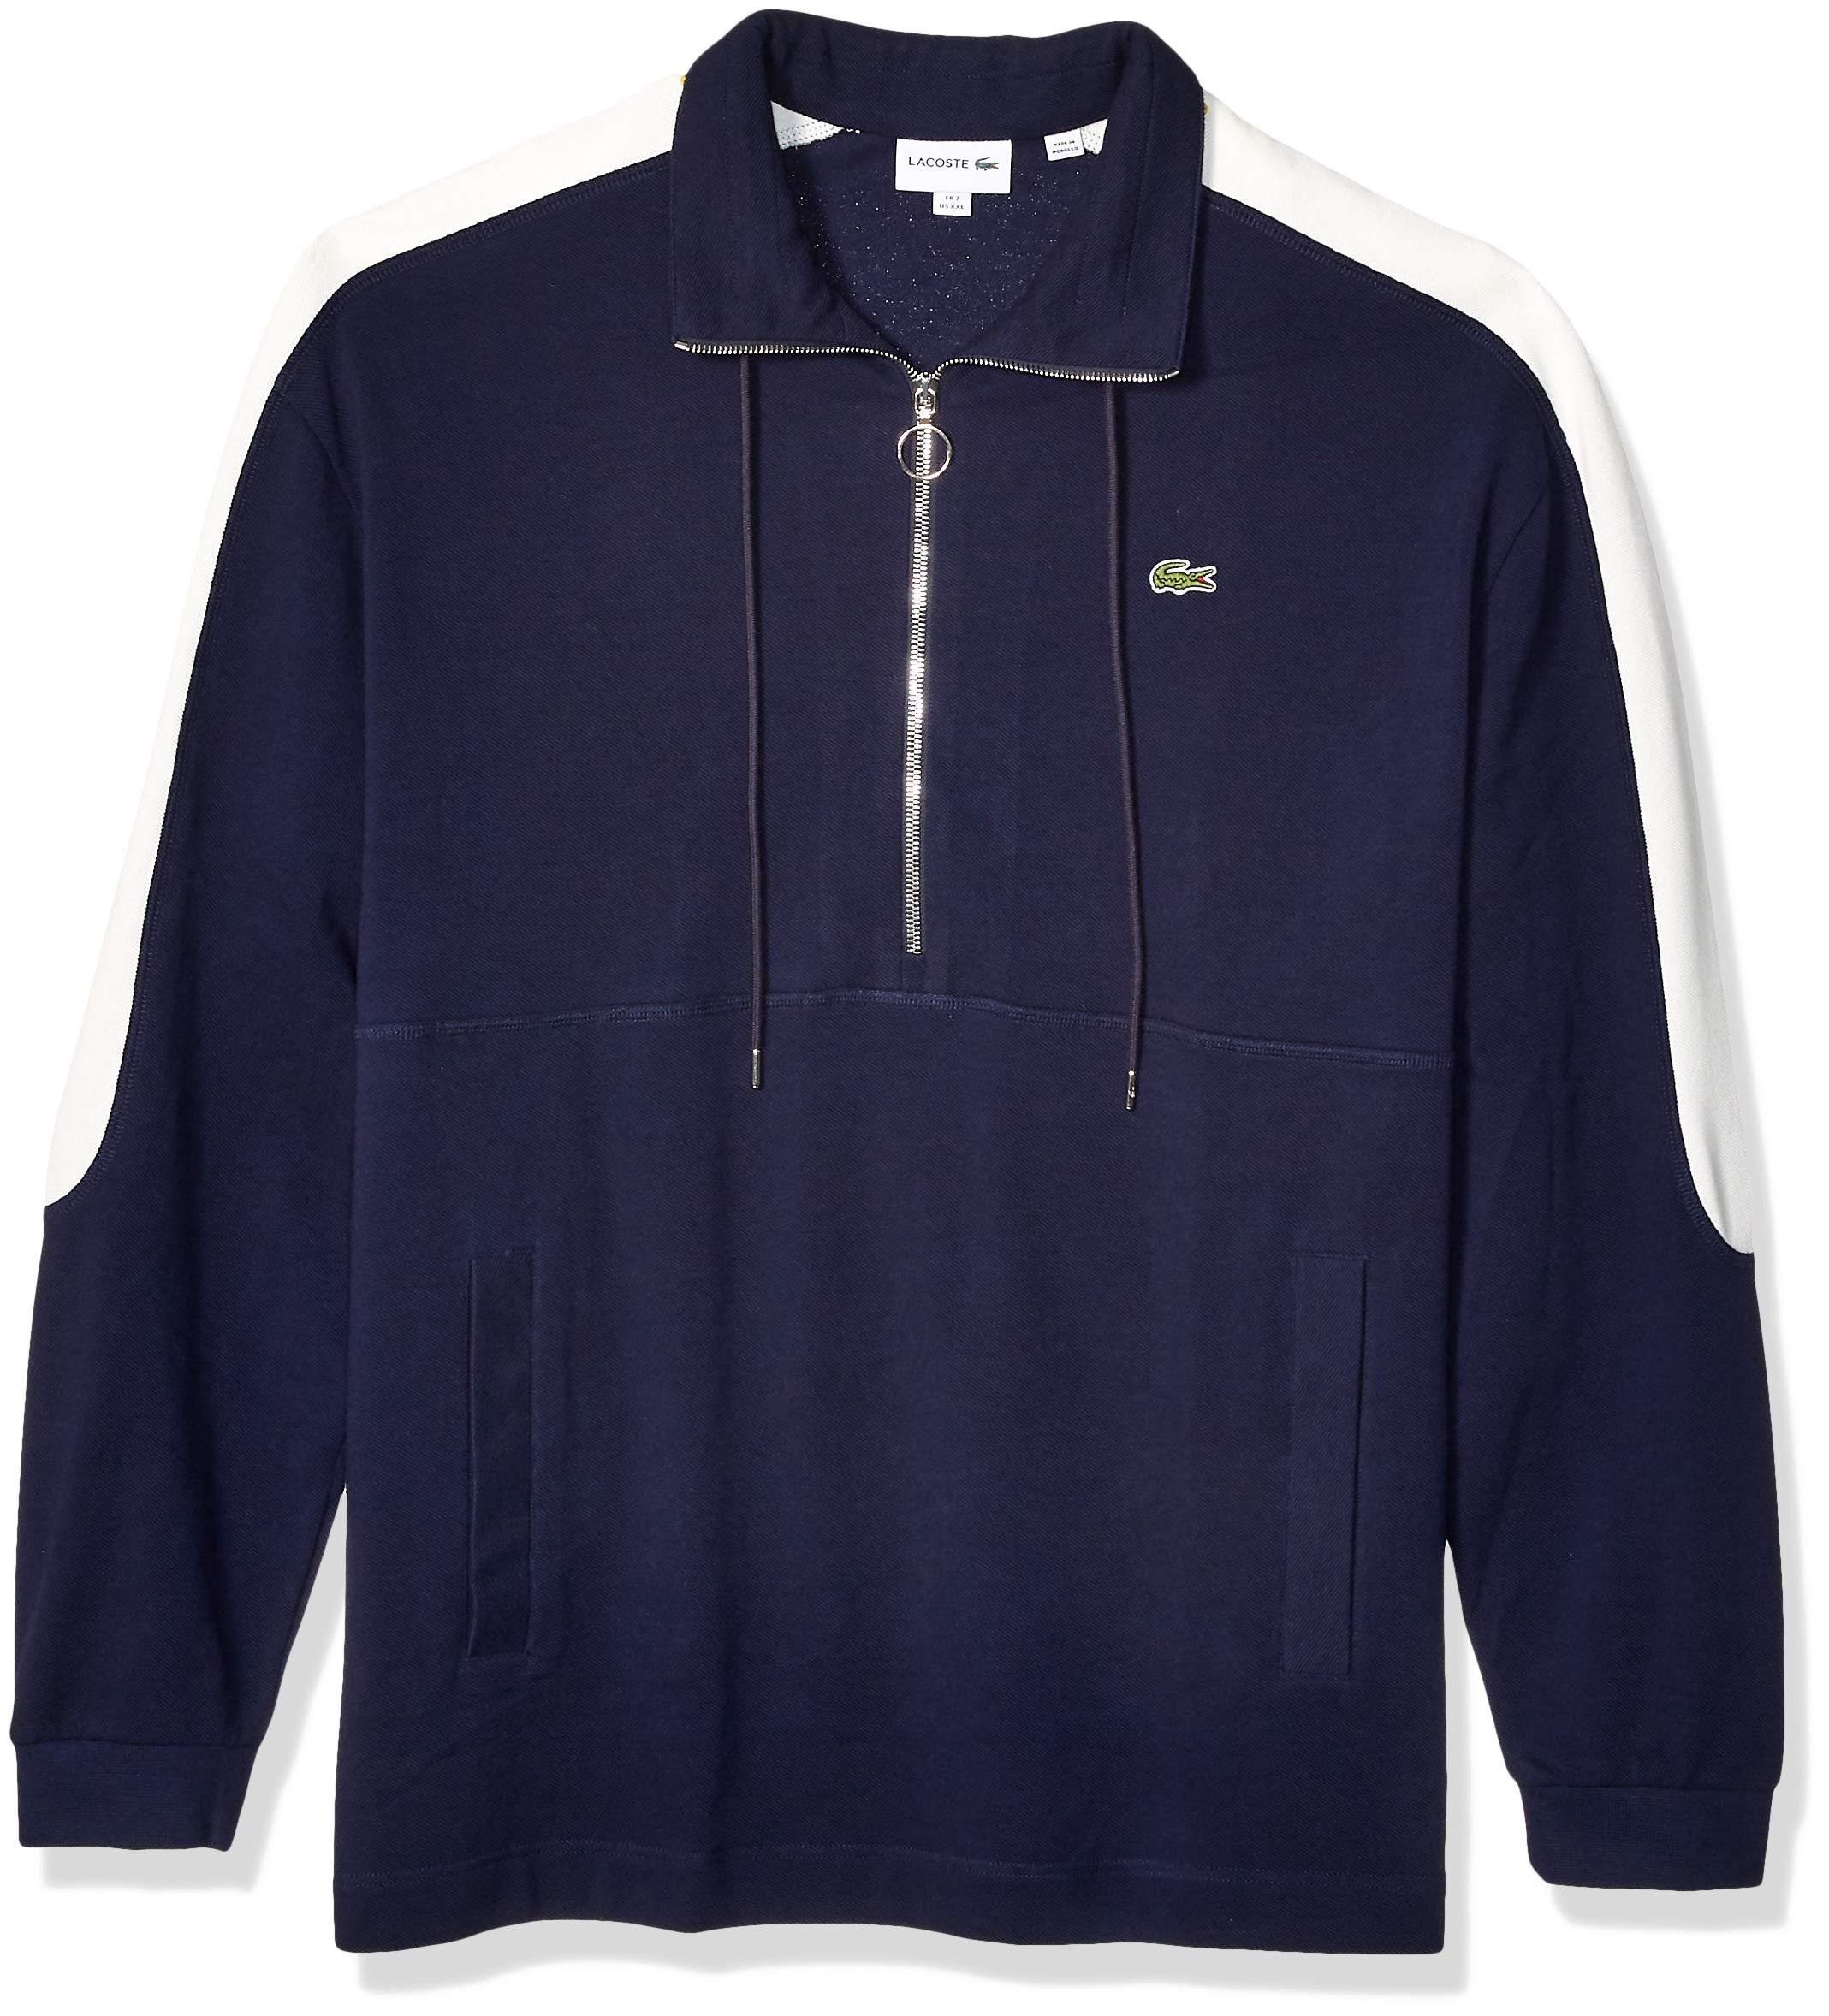 Lacoste Men's Long Sleeve Pique LOURD Relax FIT, Navy Blue/Flour, XX-Large